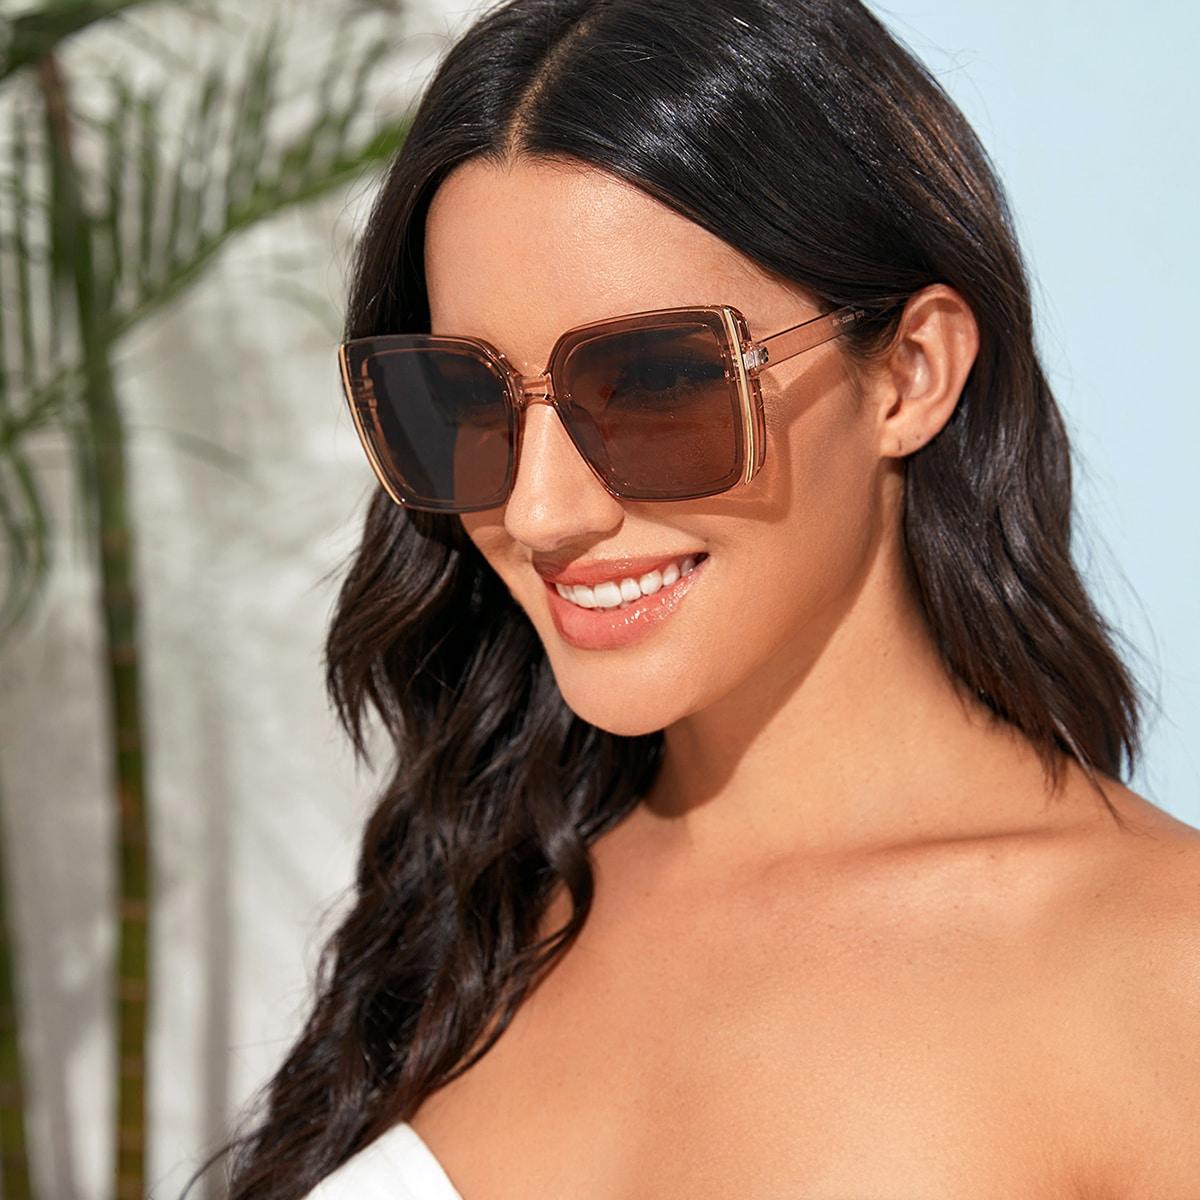 Прозрачные солнечные очки в квадратной оправе с футляром